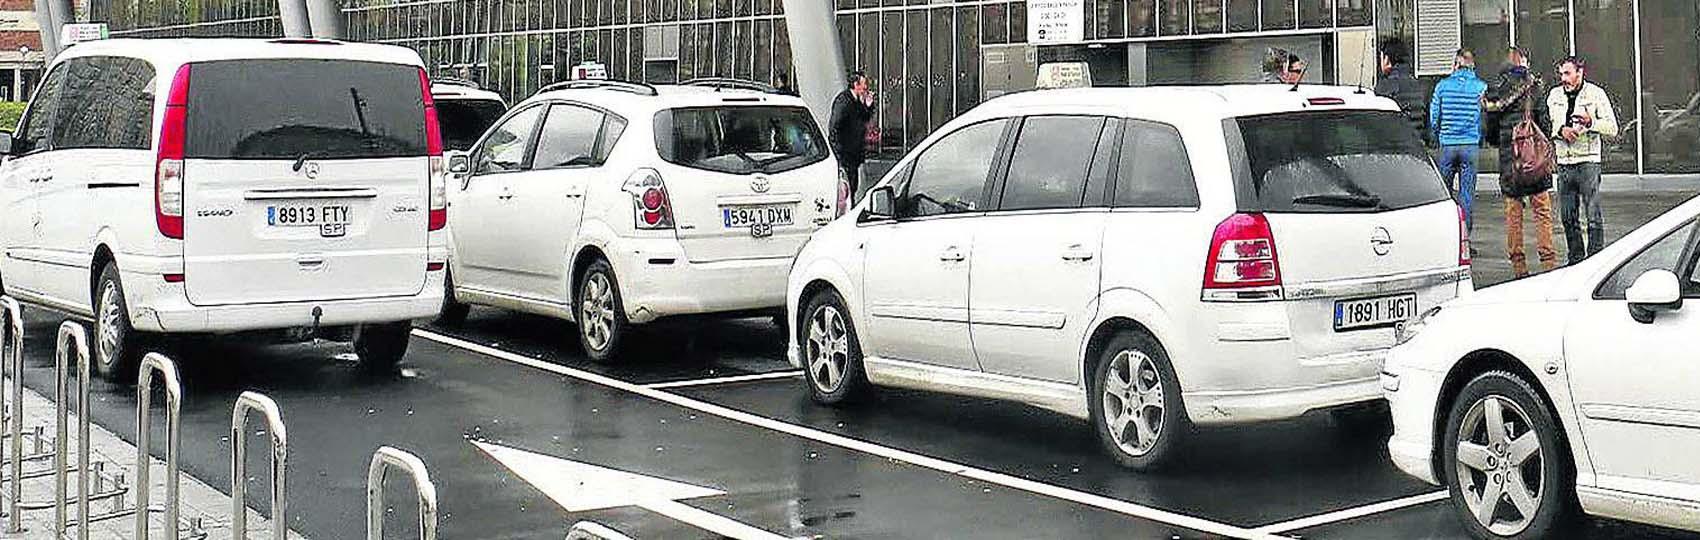 Noticias del sector del taxi y la movilidad en Vitoria. Mantente informado de todas las noticias del taxi de Vitoria en el grupo de Facebook de Todo Taxi.